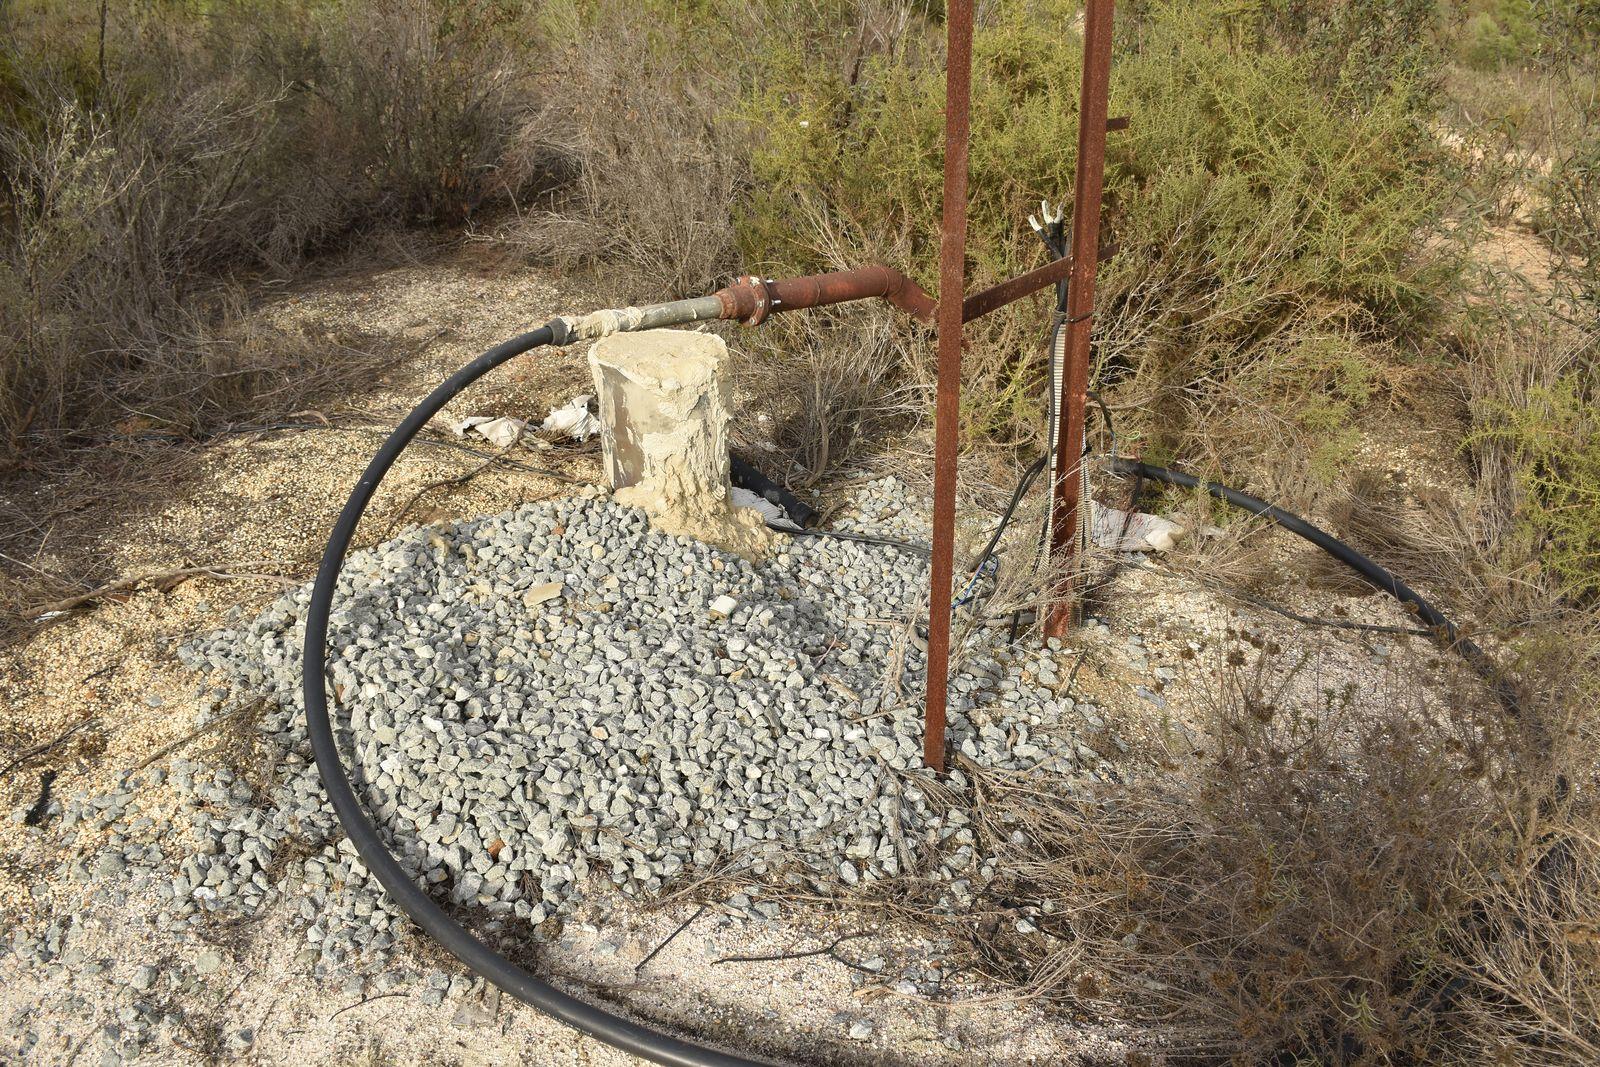 Clausura de pozos ilegales en el PN. Imagen: Jorge Sierra / WWF